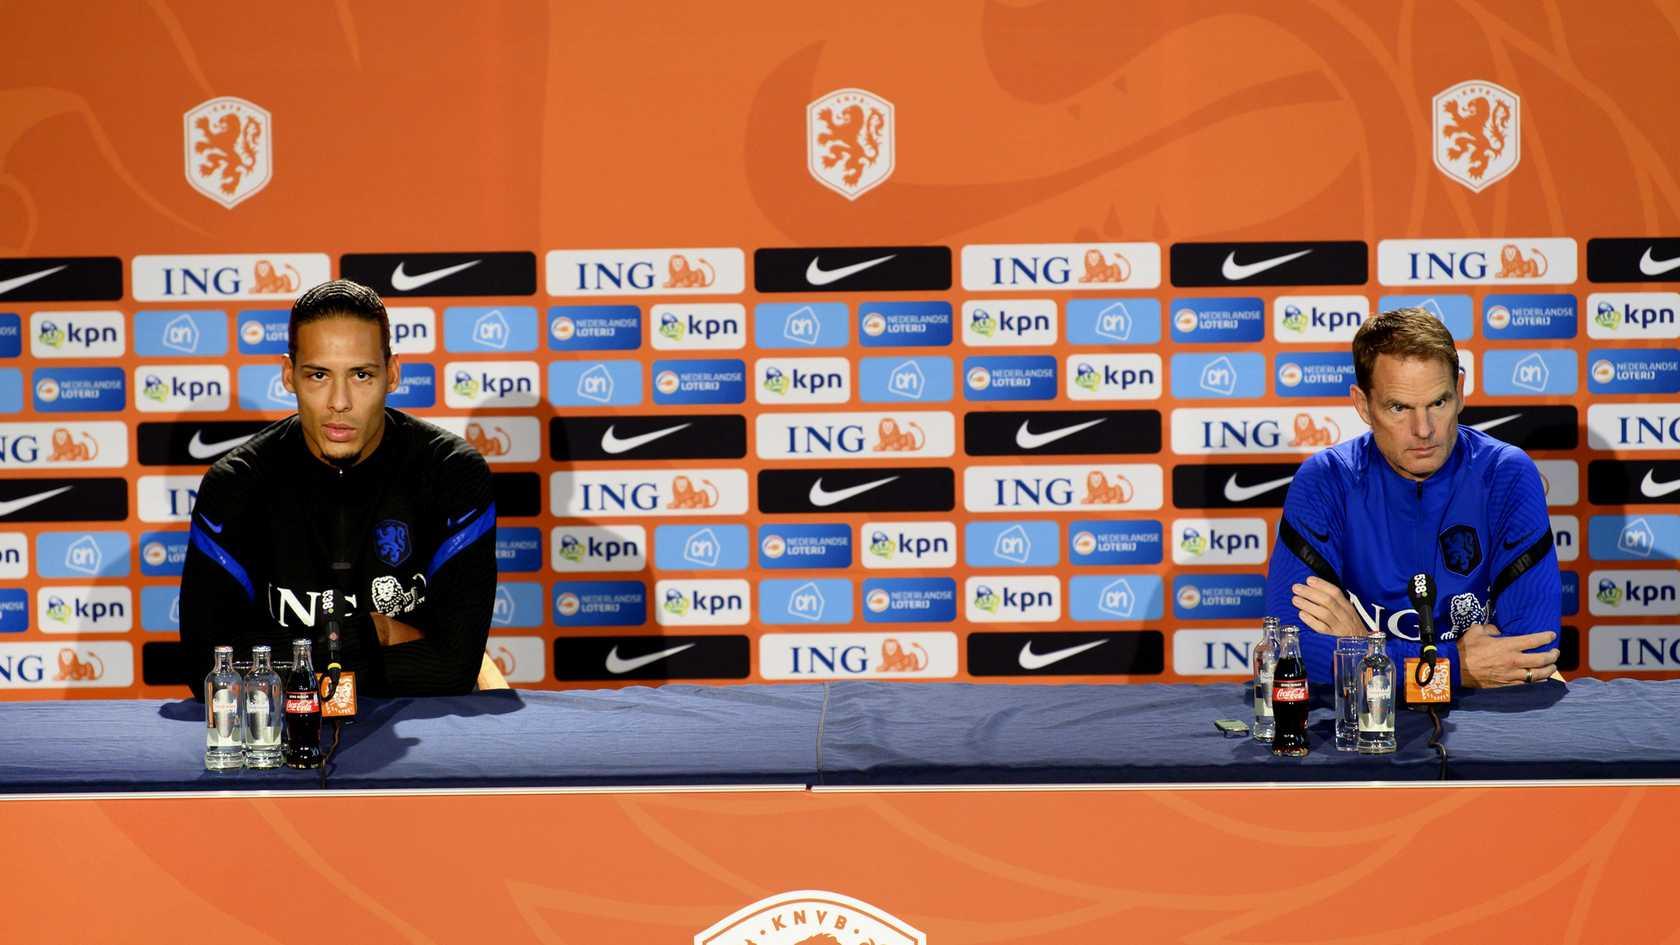 范戴克:荷兰球员没提交过选帅名单,只是问了我们的意见